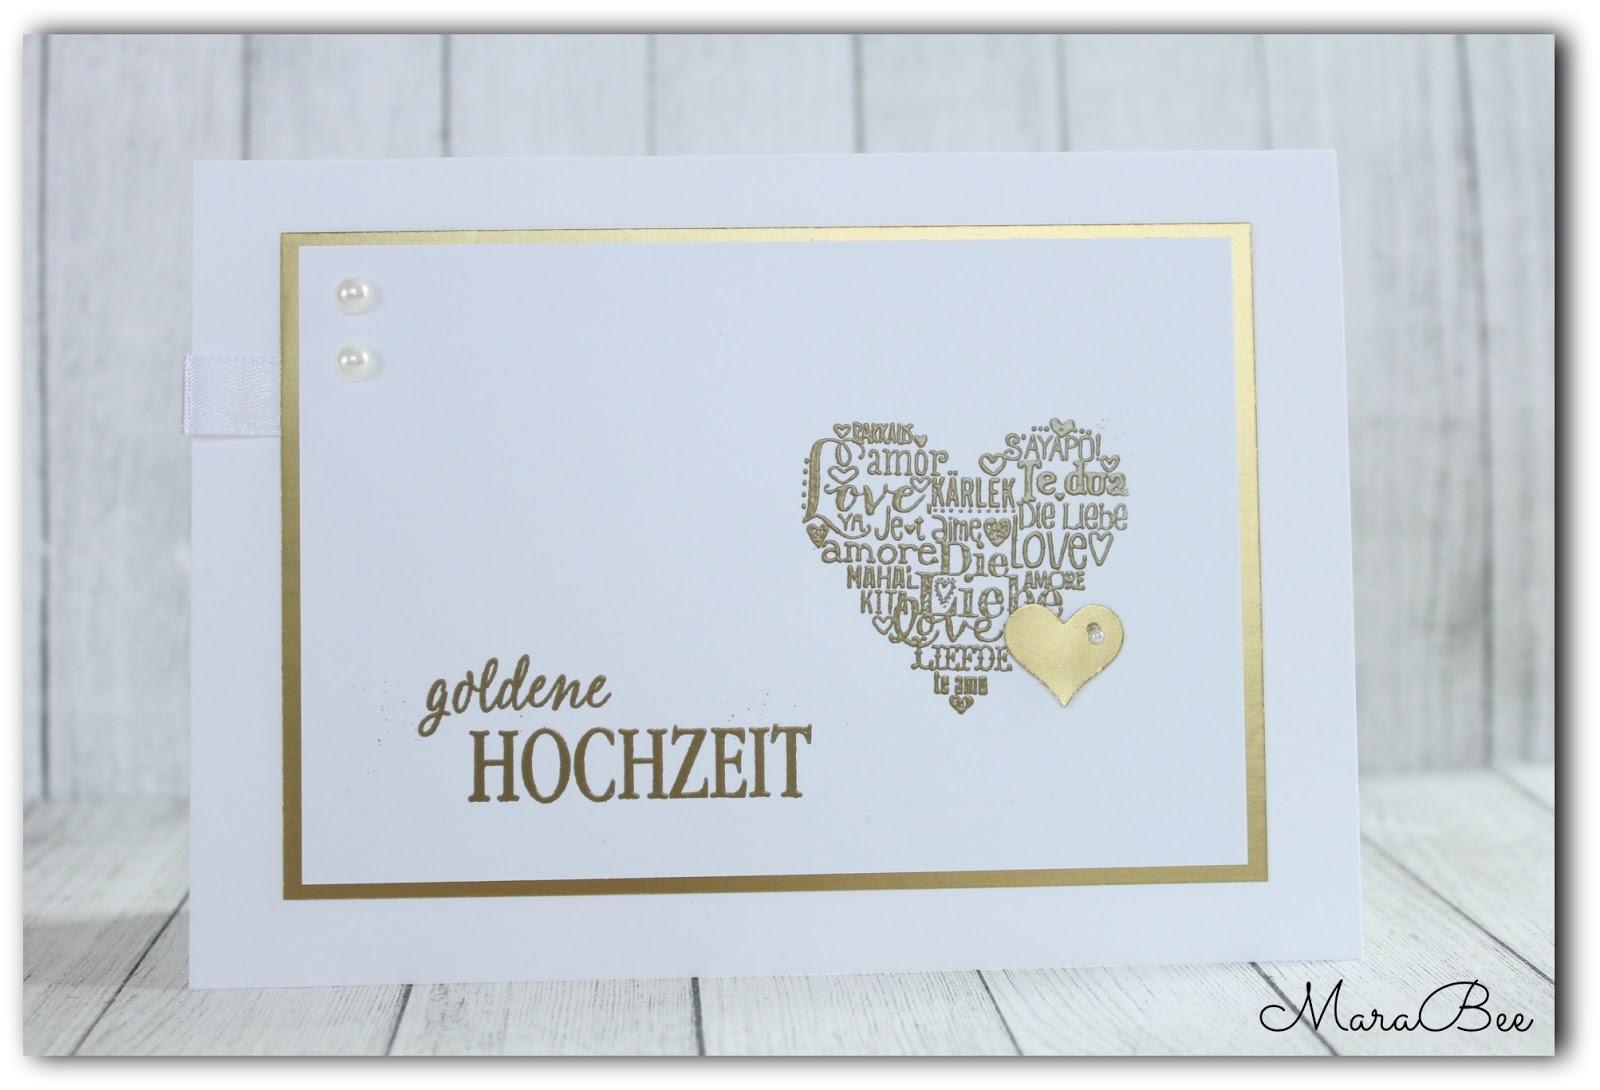 Goldene Hochzeit Karten Fu89 Startupjobsfa